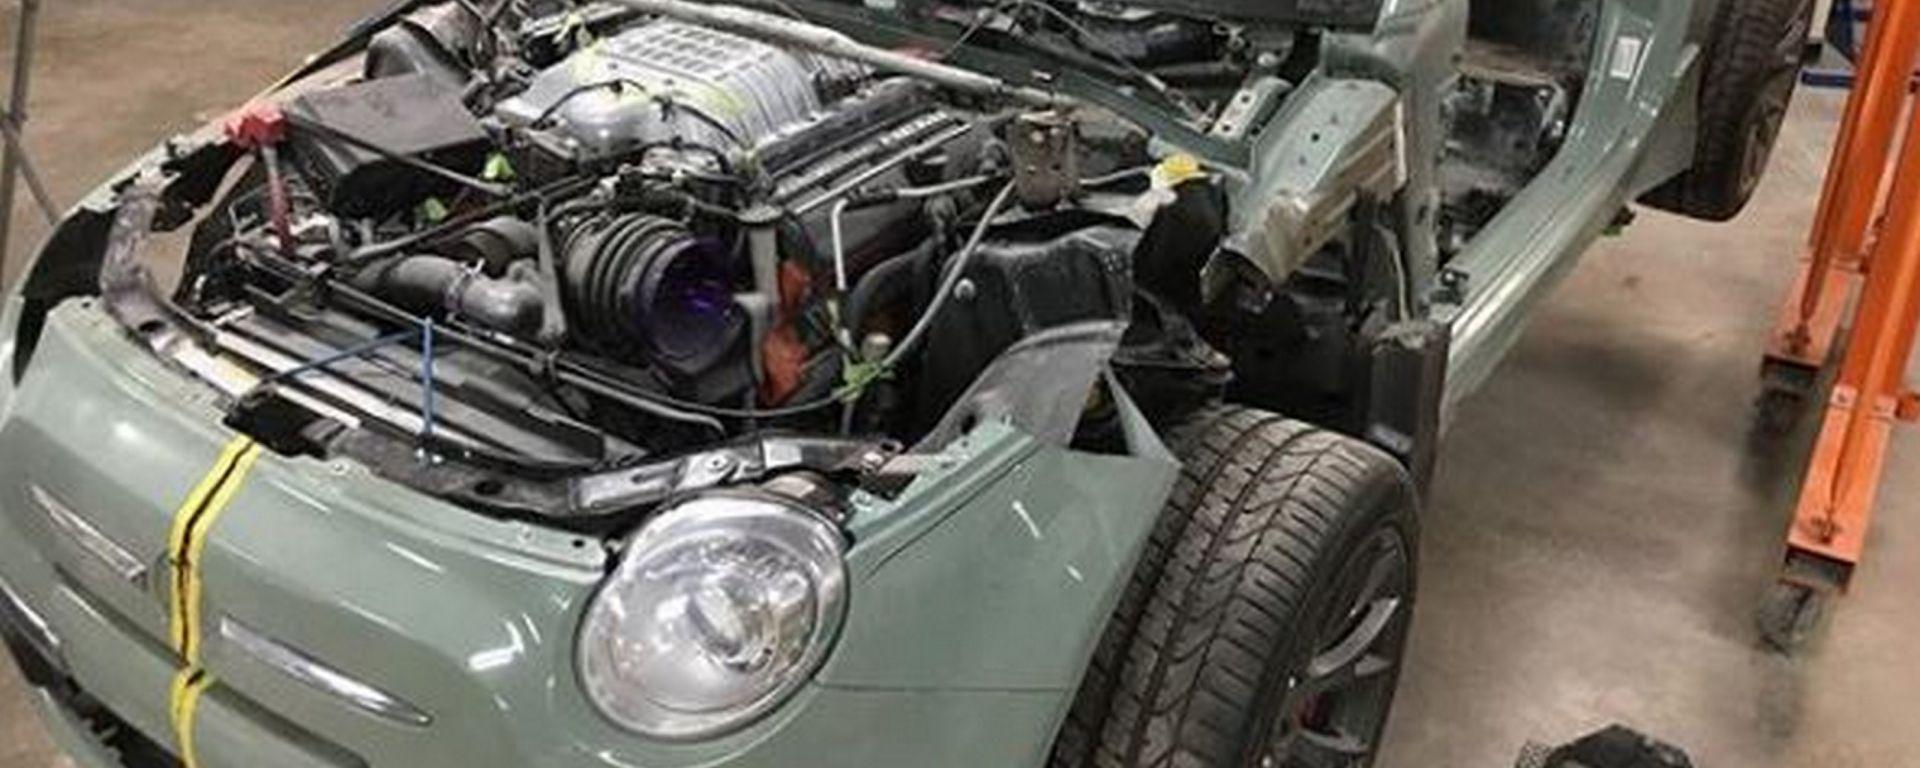 Fiat 500, il trapianto del V8 Hellcat